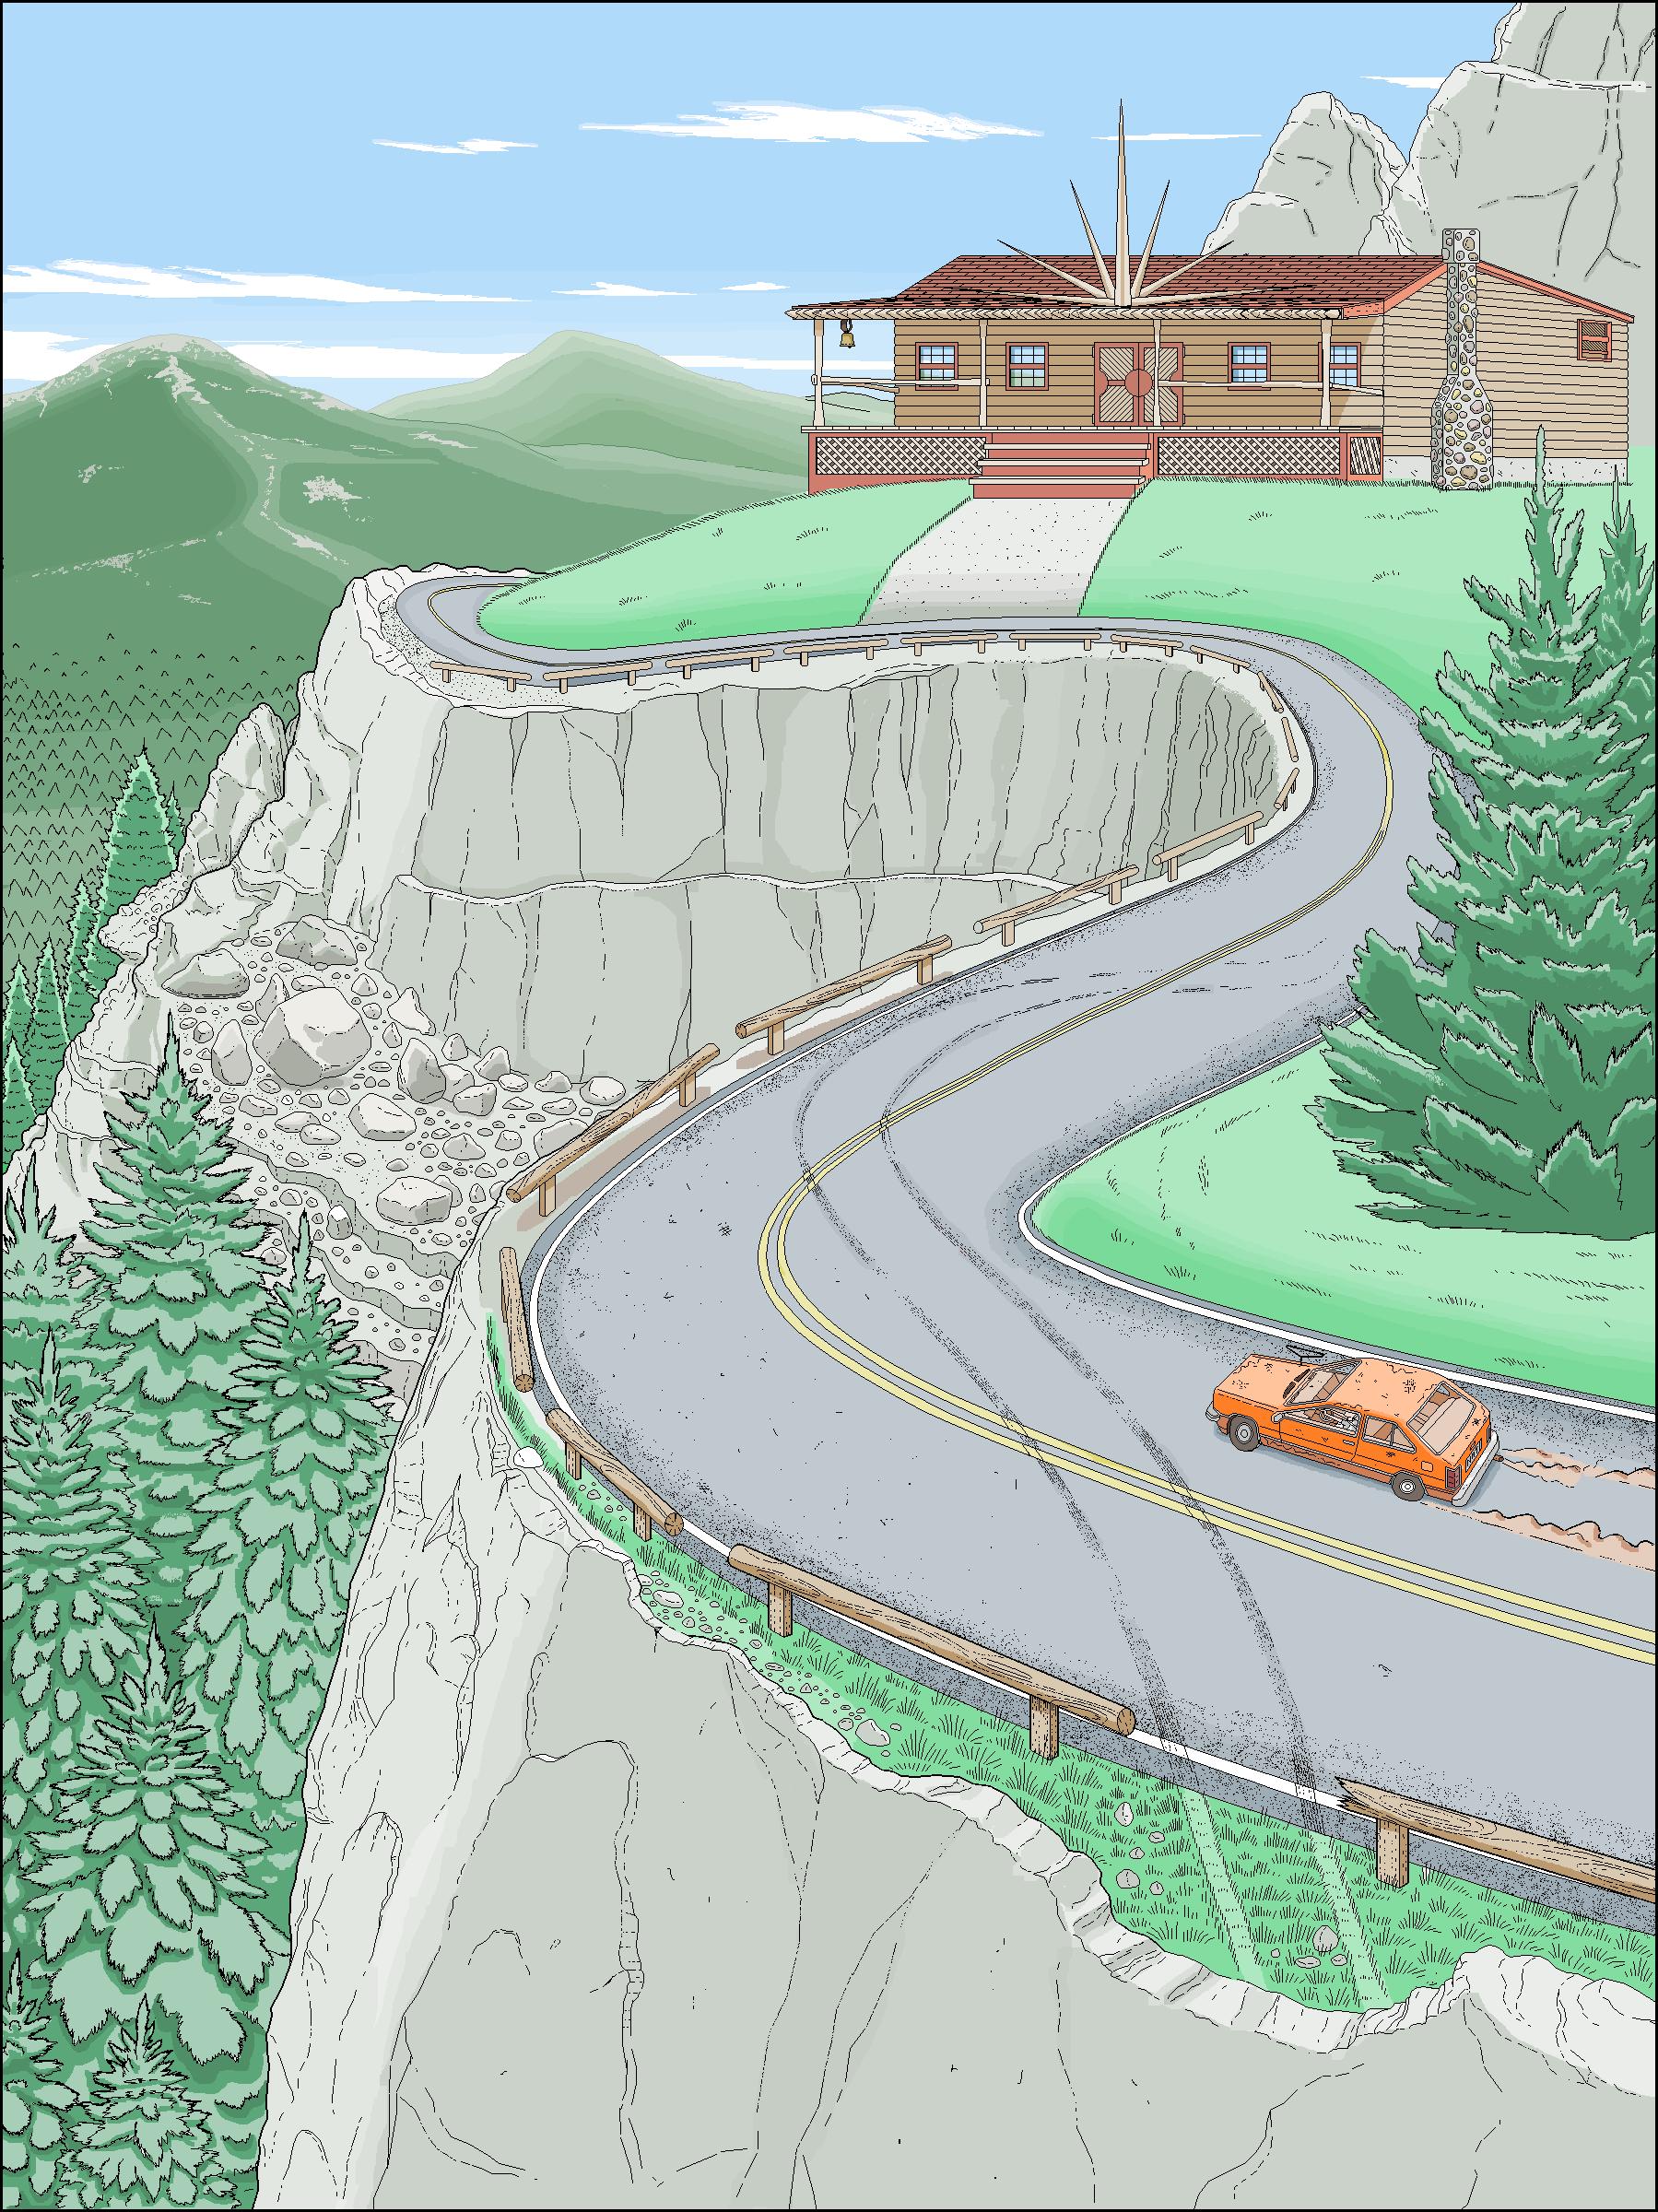 插畫家懶得學PS,花10年將「小畫家」練到神級後畫出「超越4K超高清畫作」! (9張)